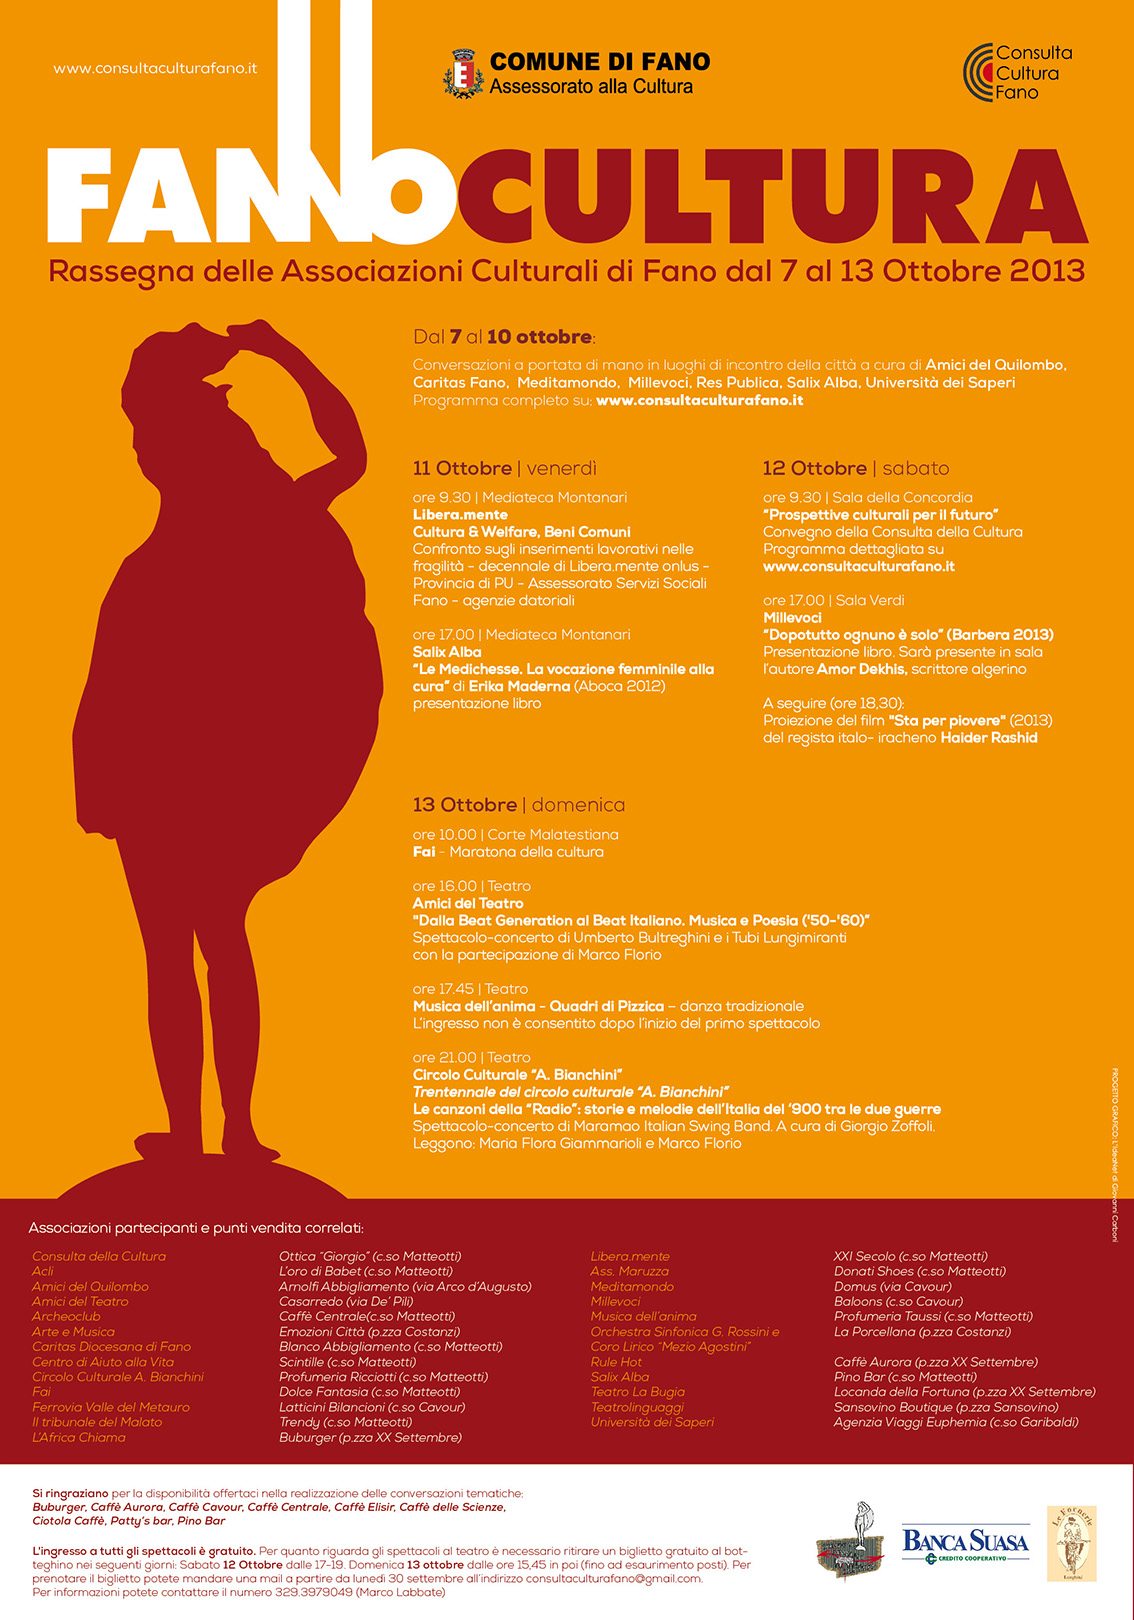 Fannocultura sesta edizione